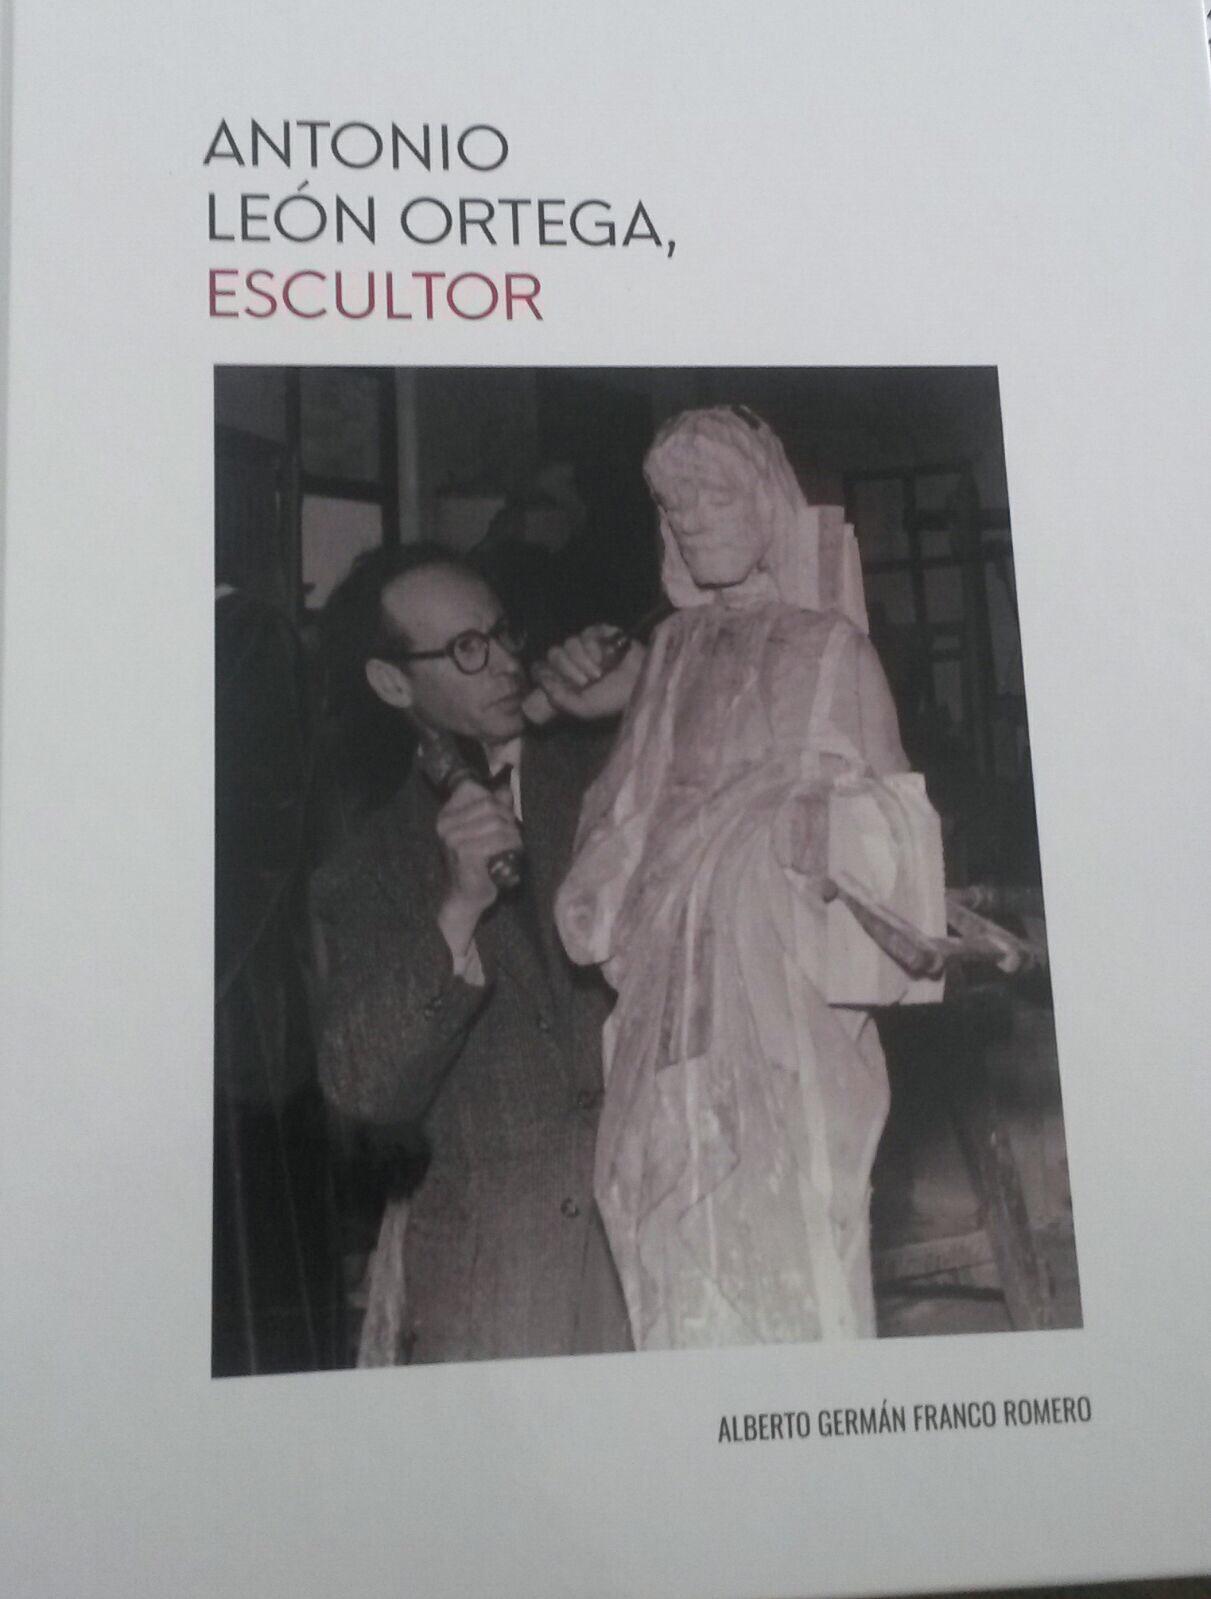 LA OBRA DE GERMÁN FRANCO SOBRE LEÓN ORTEGA SE PRESENTARÁ PRÓXIMAMENTE EN AYAMONTE